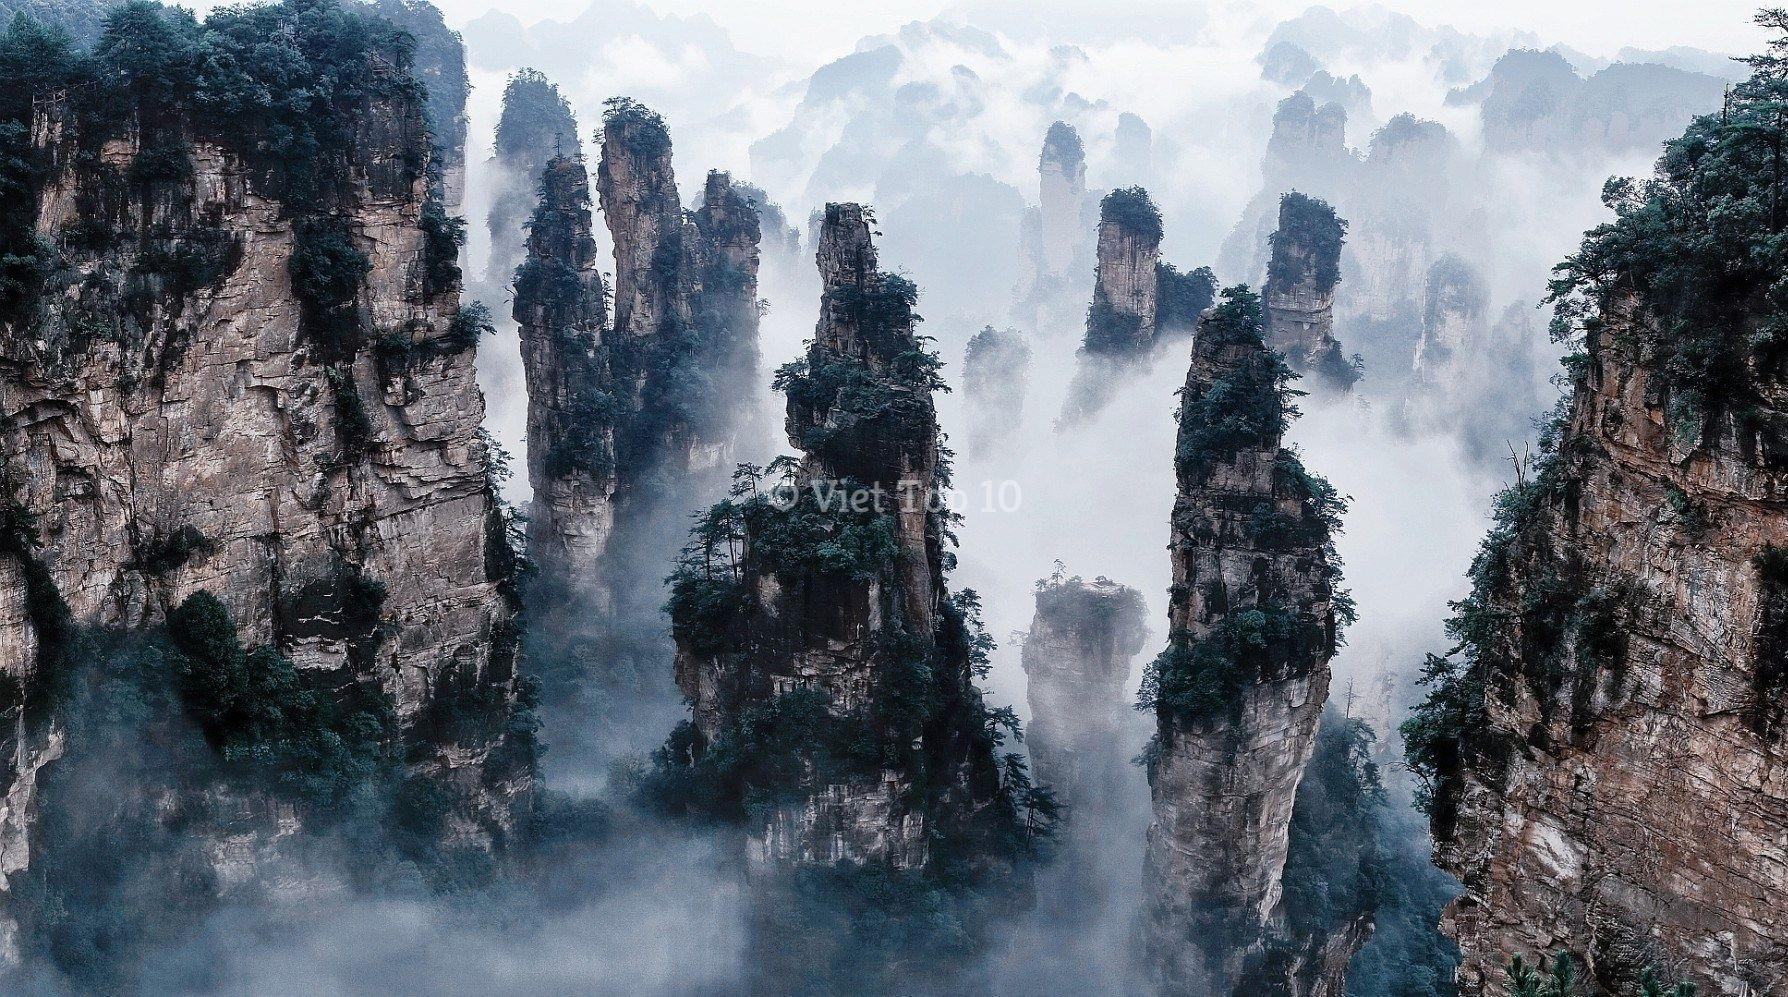 15 địa danh siêu thực, kỳ ảo, không tưởng trên trái đất - việt top 10 - việt top 10 net - viettop10